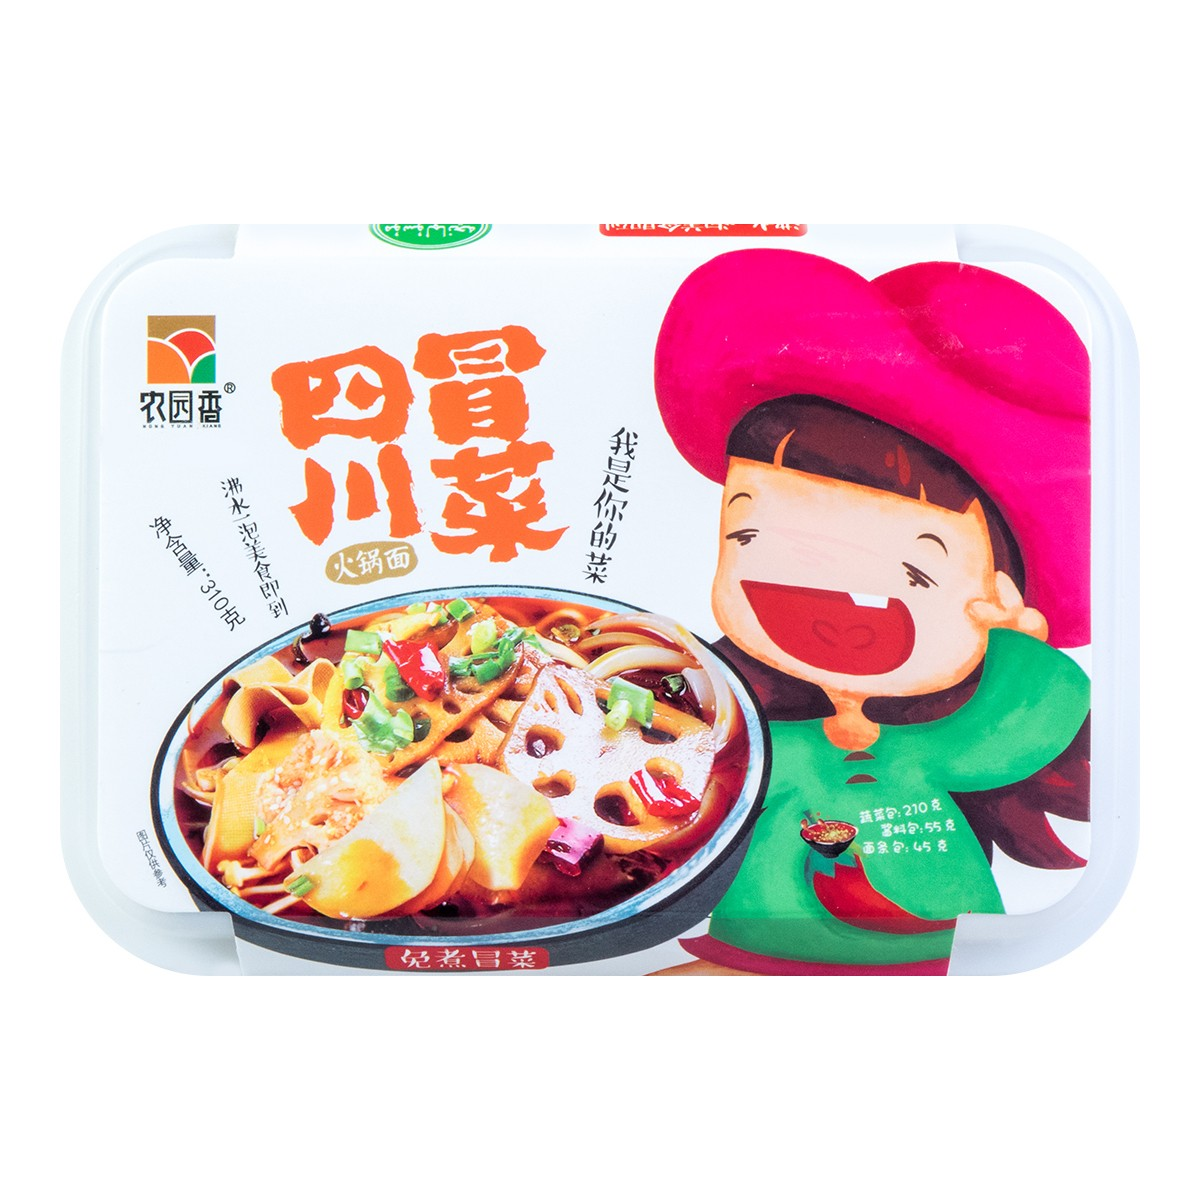 农园香 四川冒菜 火锅面 310g